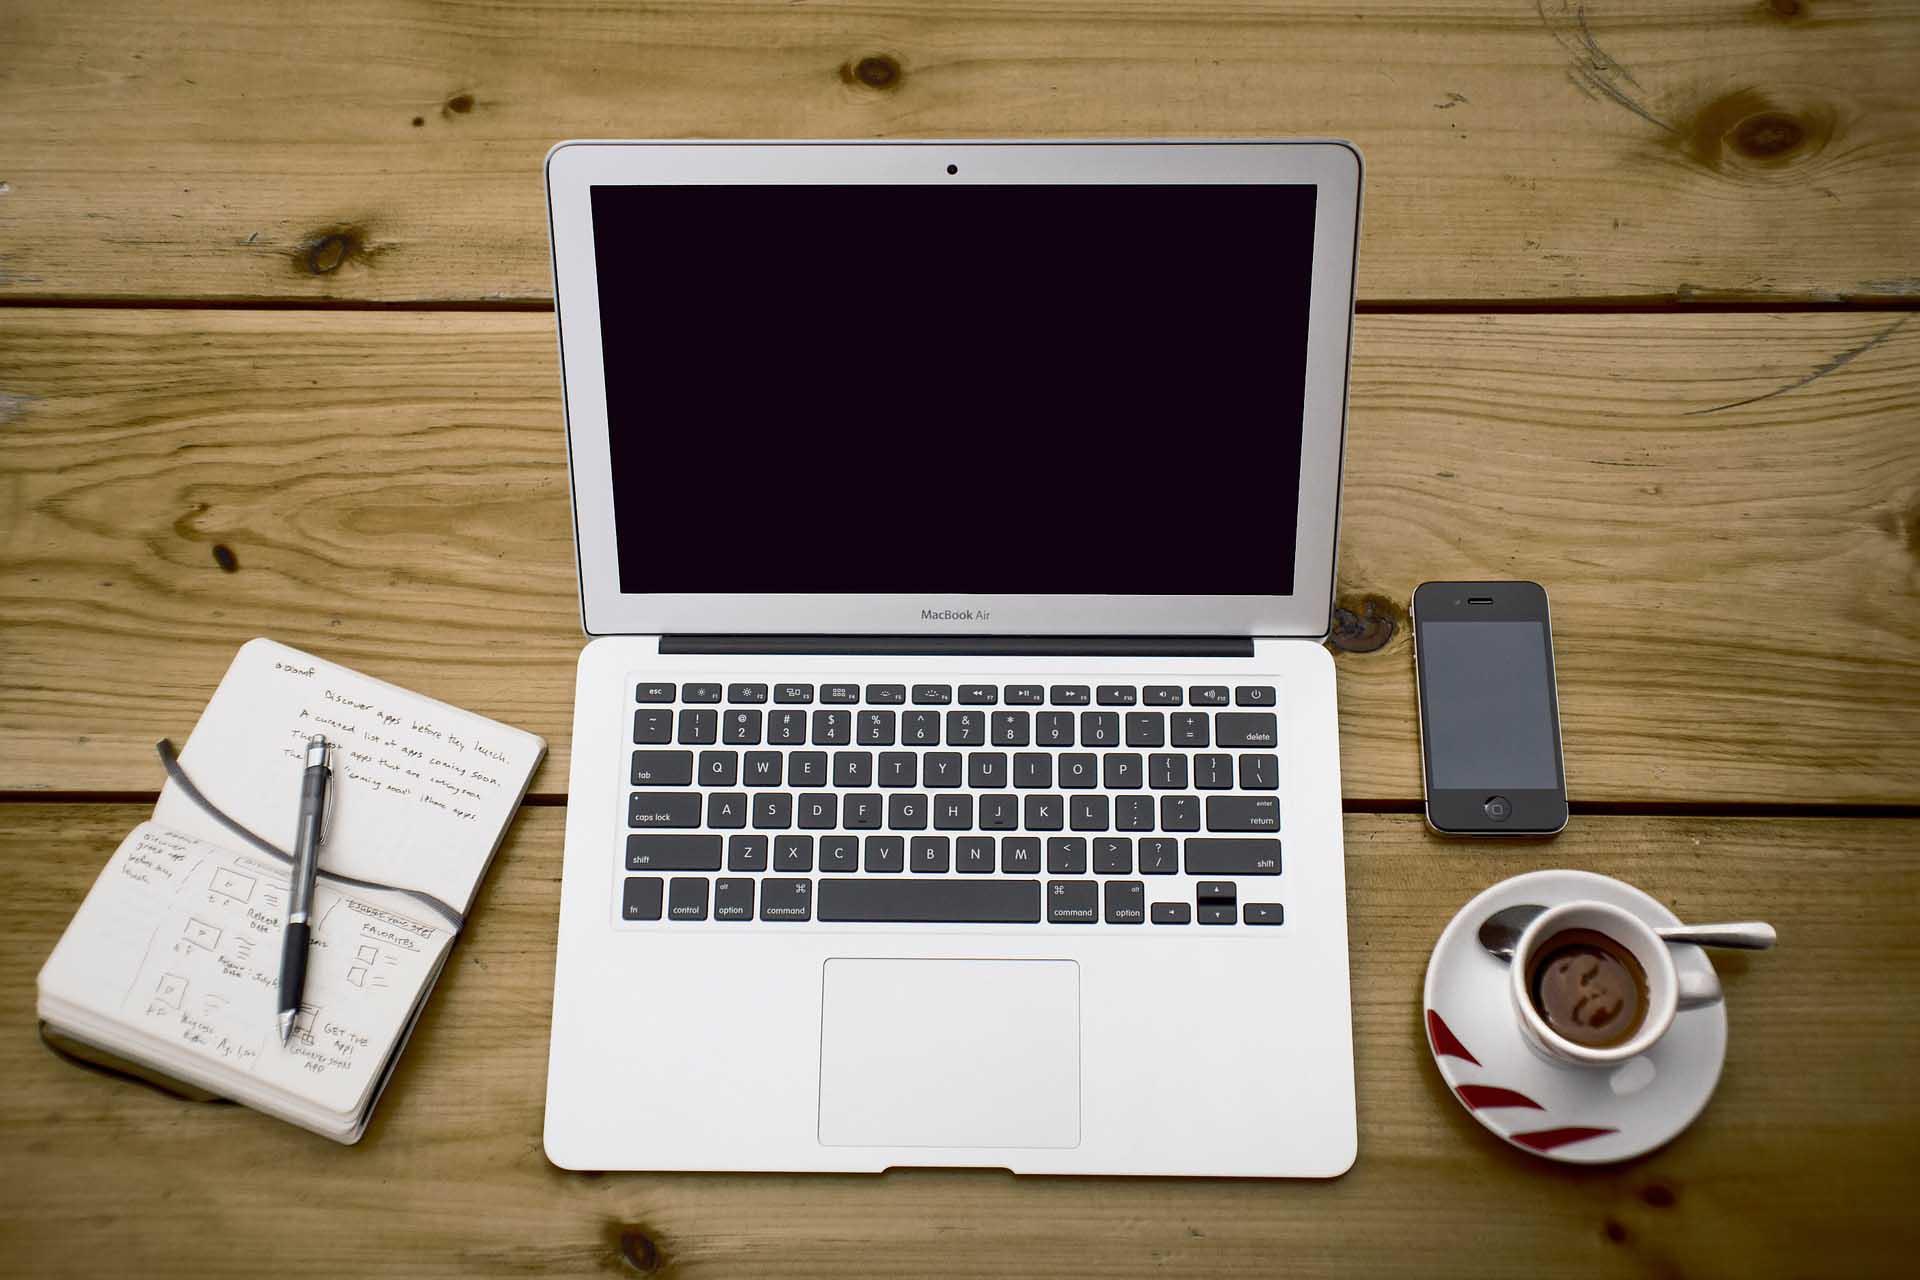 Bærbar datamaskin står på et bord som ser litt hytteaktig ut, ved siden av er notatblokk, kaffekopp og mobiltelefon. Skjermen er mørk.